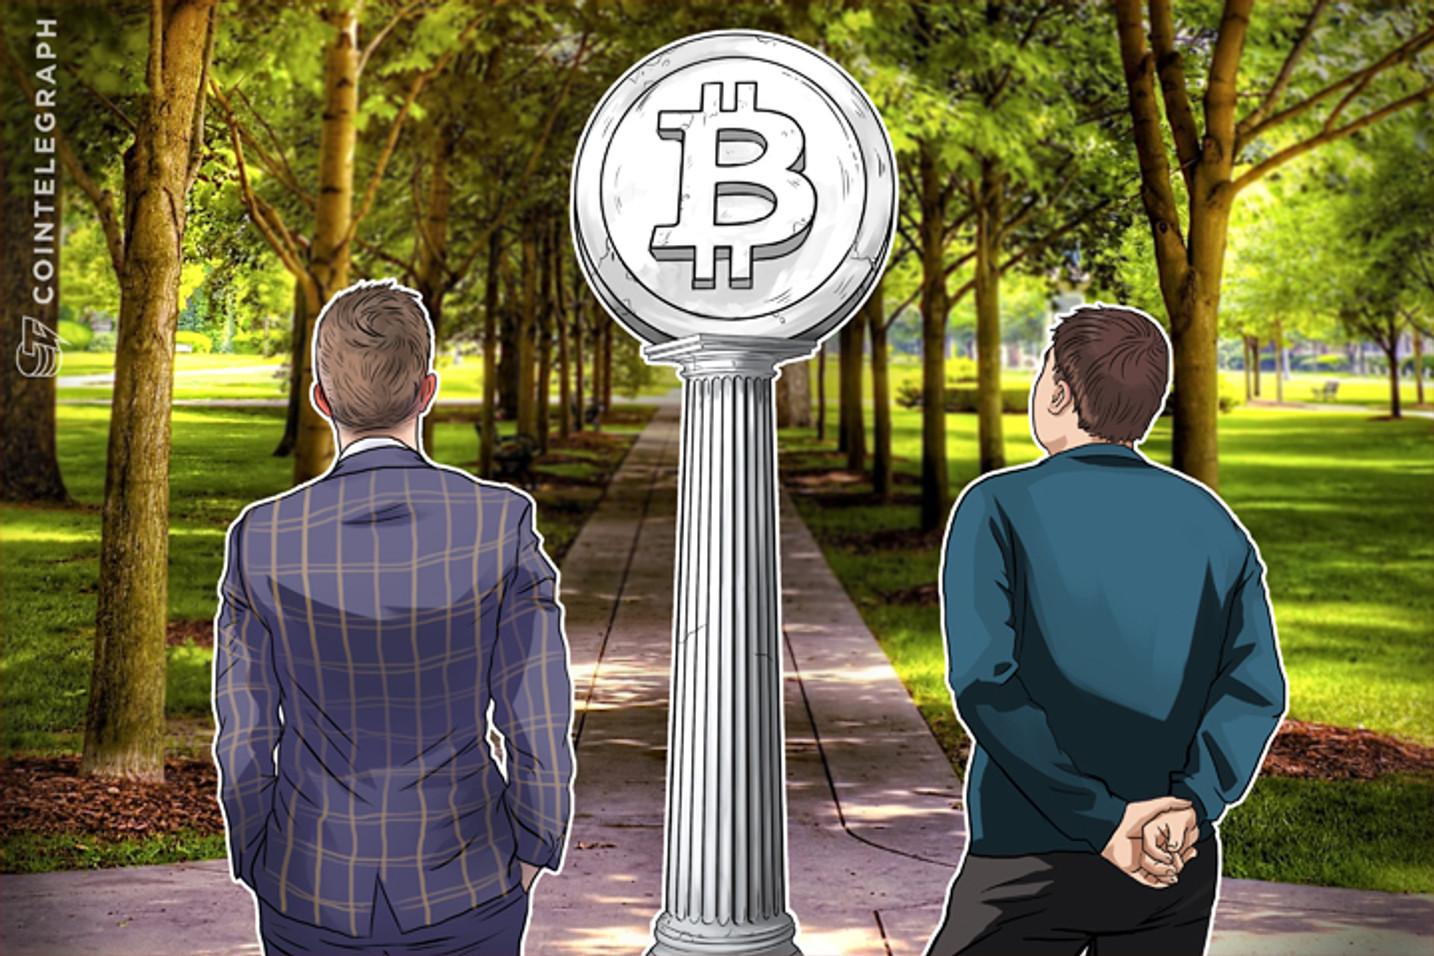 Entre touros e ursos do Bitcoin, um acadêmico considera